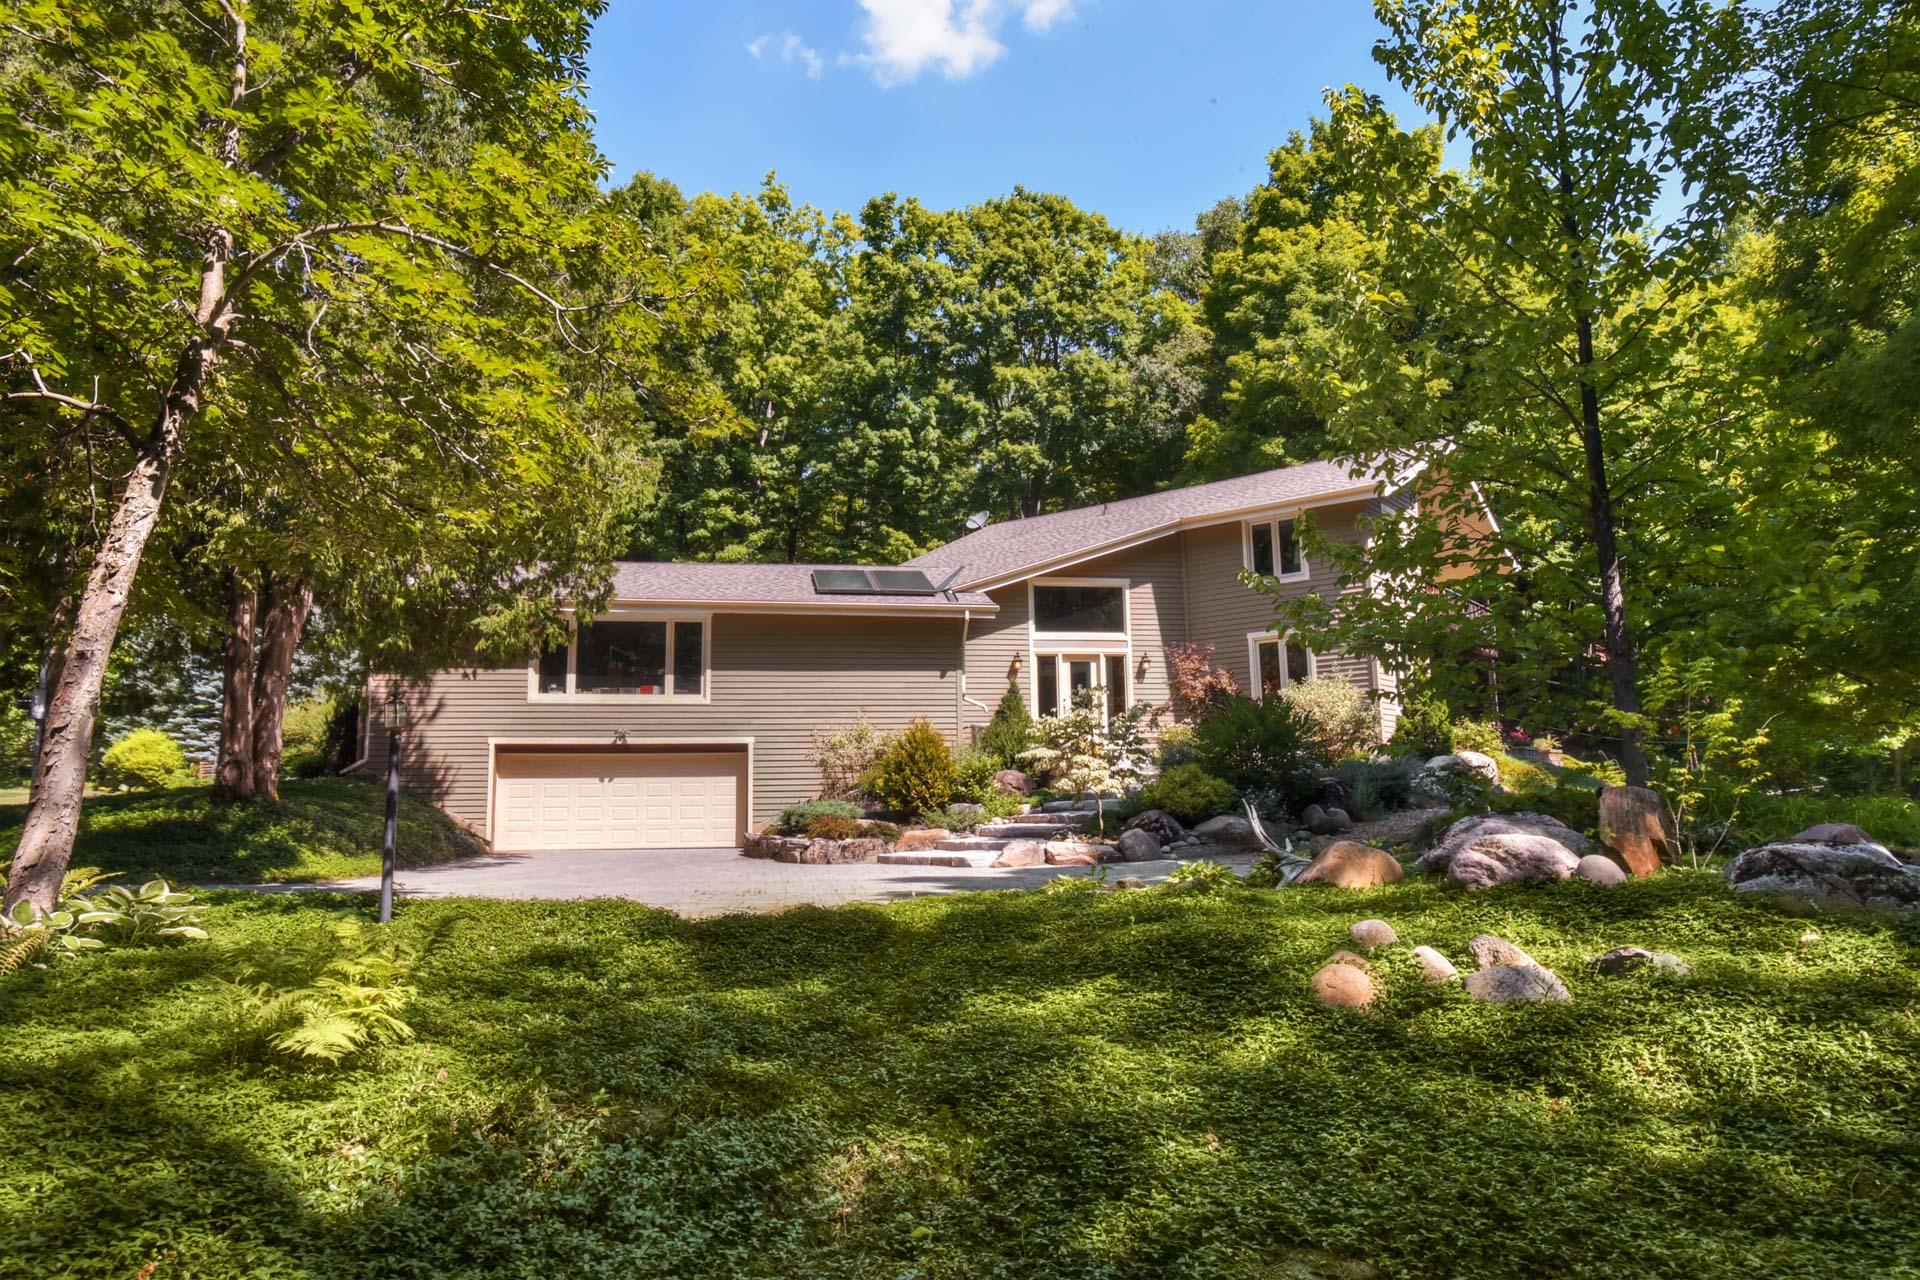 875257 5th Line E, Mono, Home for Sale, Mary Klein, Kaitlan Klein